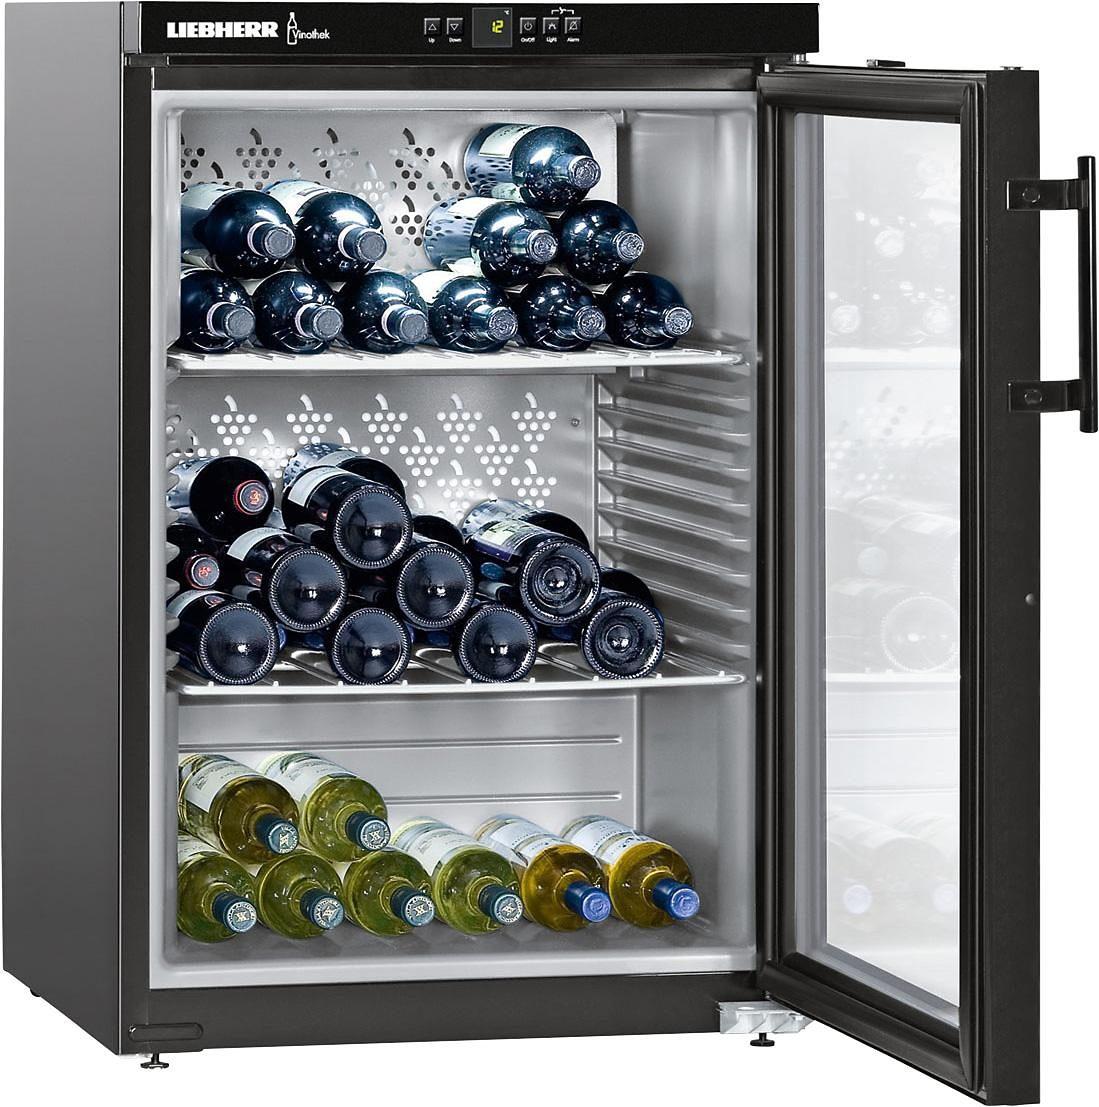 Liebherr Weinkühlschrank WKb 1812-21, für 66 Standardflaschen á 0,75l,A+, 89 cm, für 66 Bordeauxflaschen á 0,75l